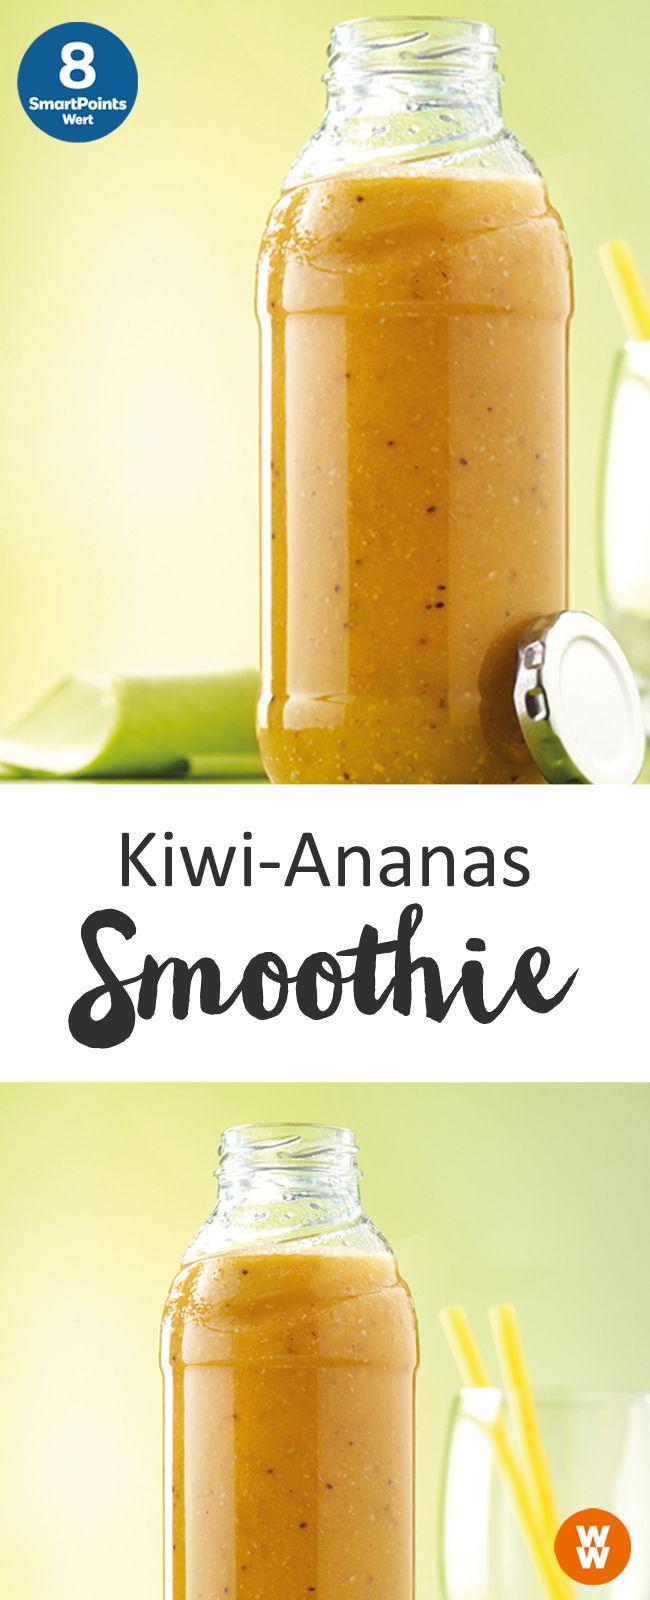 Kiwi-Ananas Smoothie | 8 SmartPoints/ Portion, Weight Watchers, fertig in 10 min.